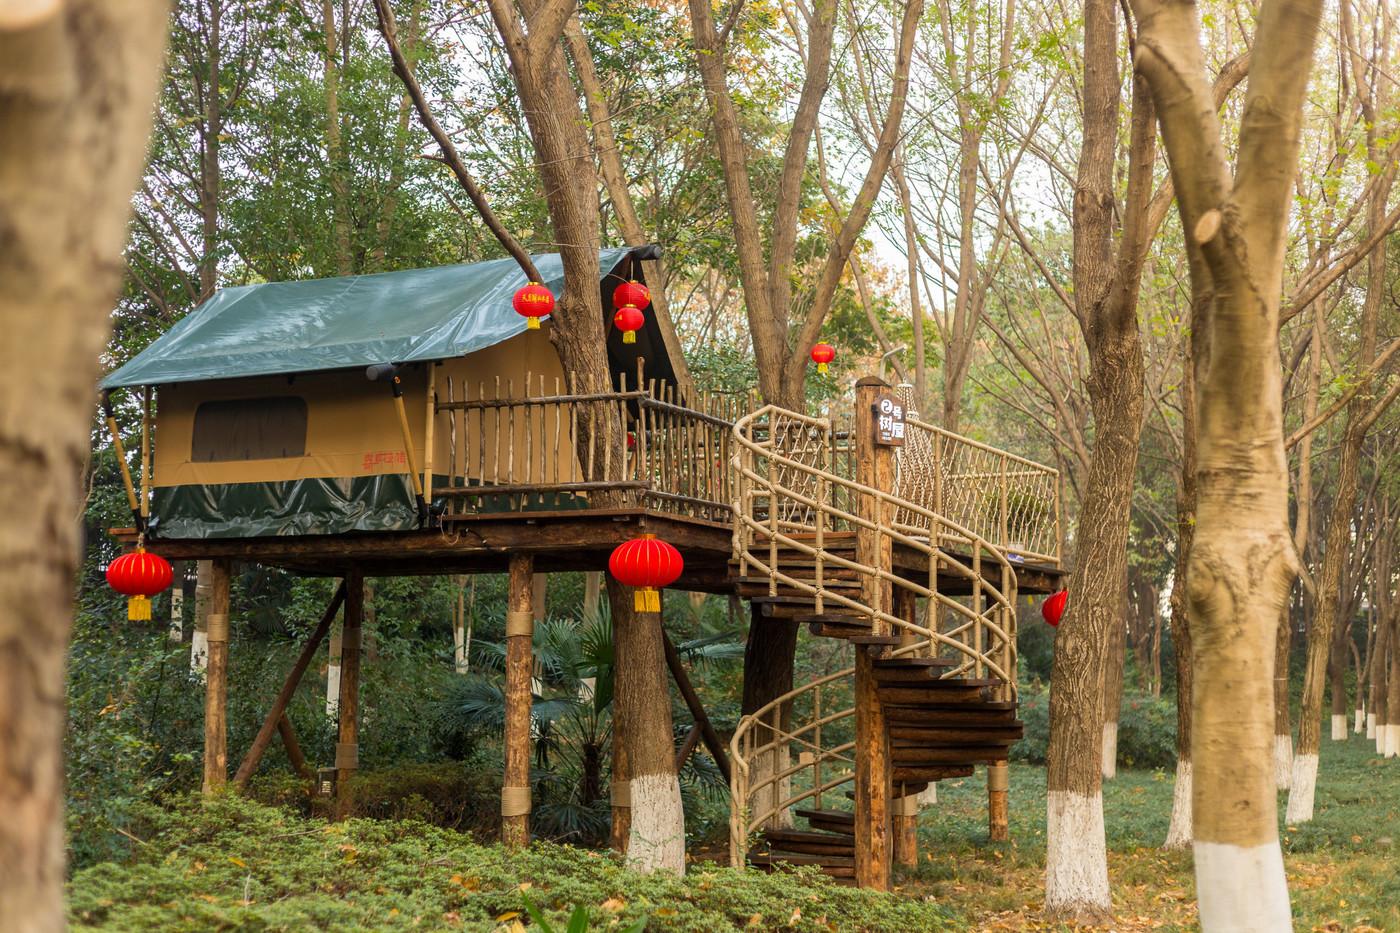 喜马拉雅野奢帐篷酒店—江苏常州天目湖树屋1